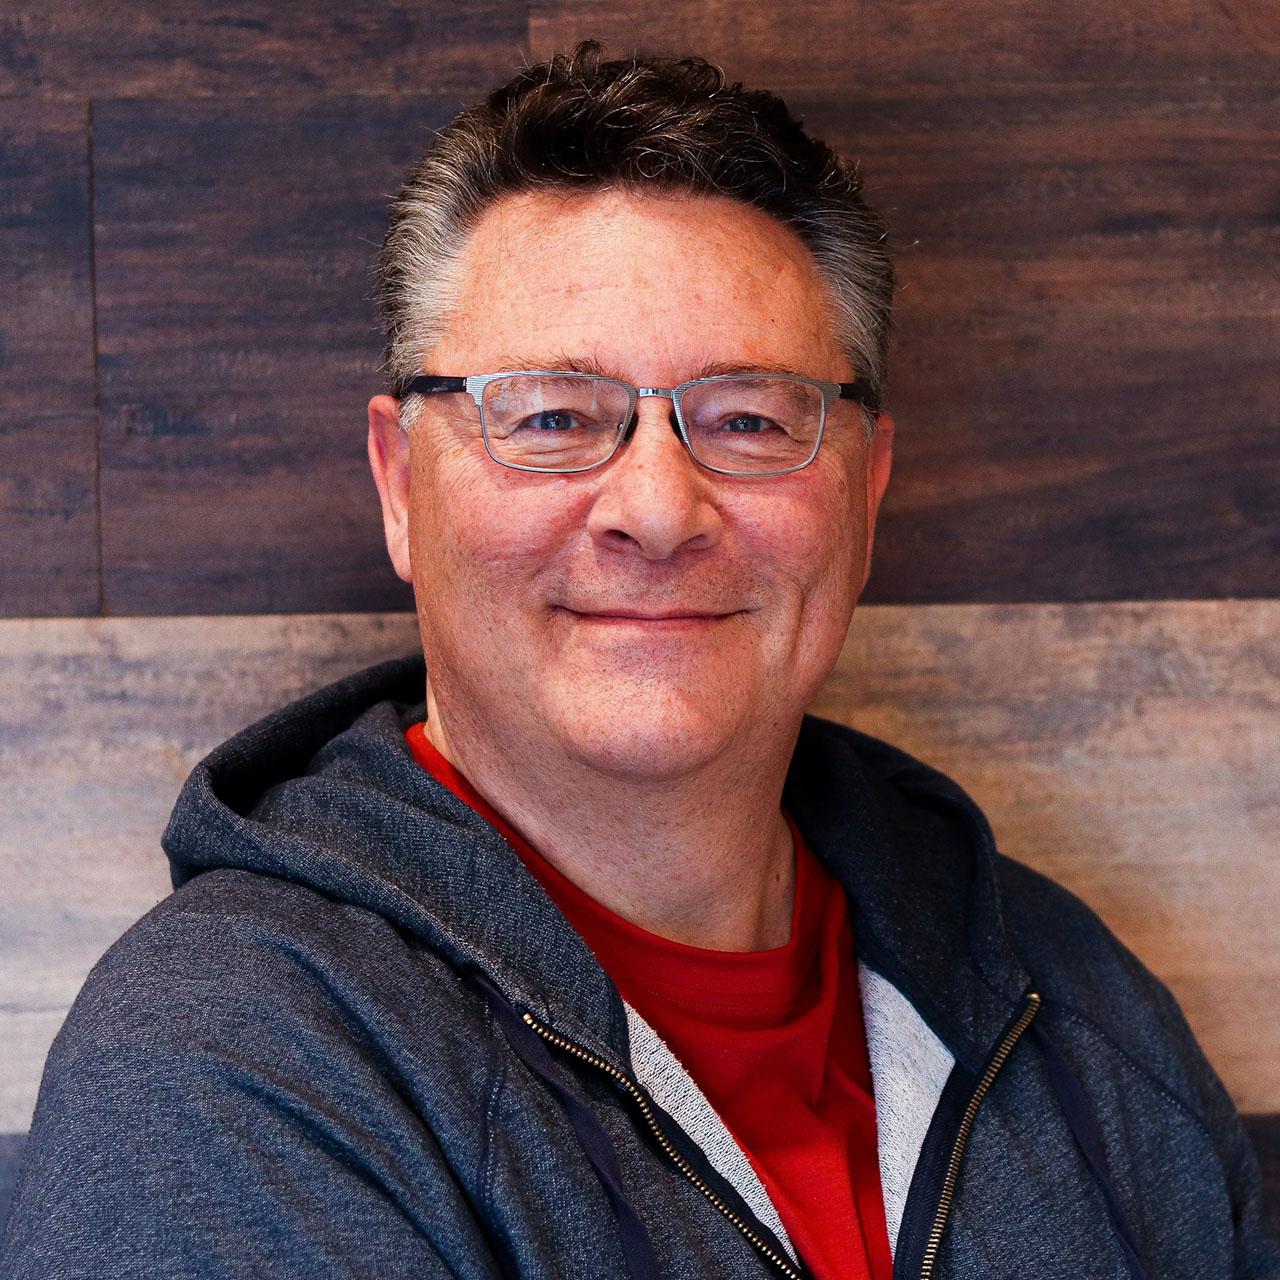 Paul Maines